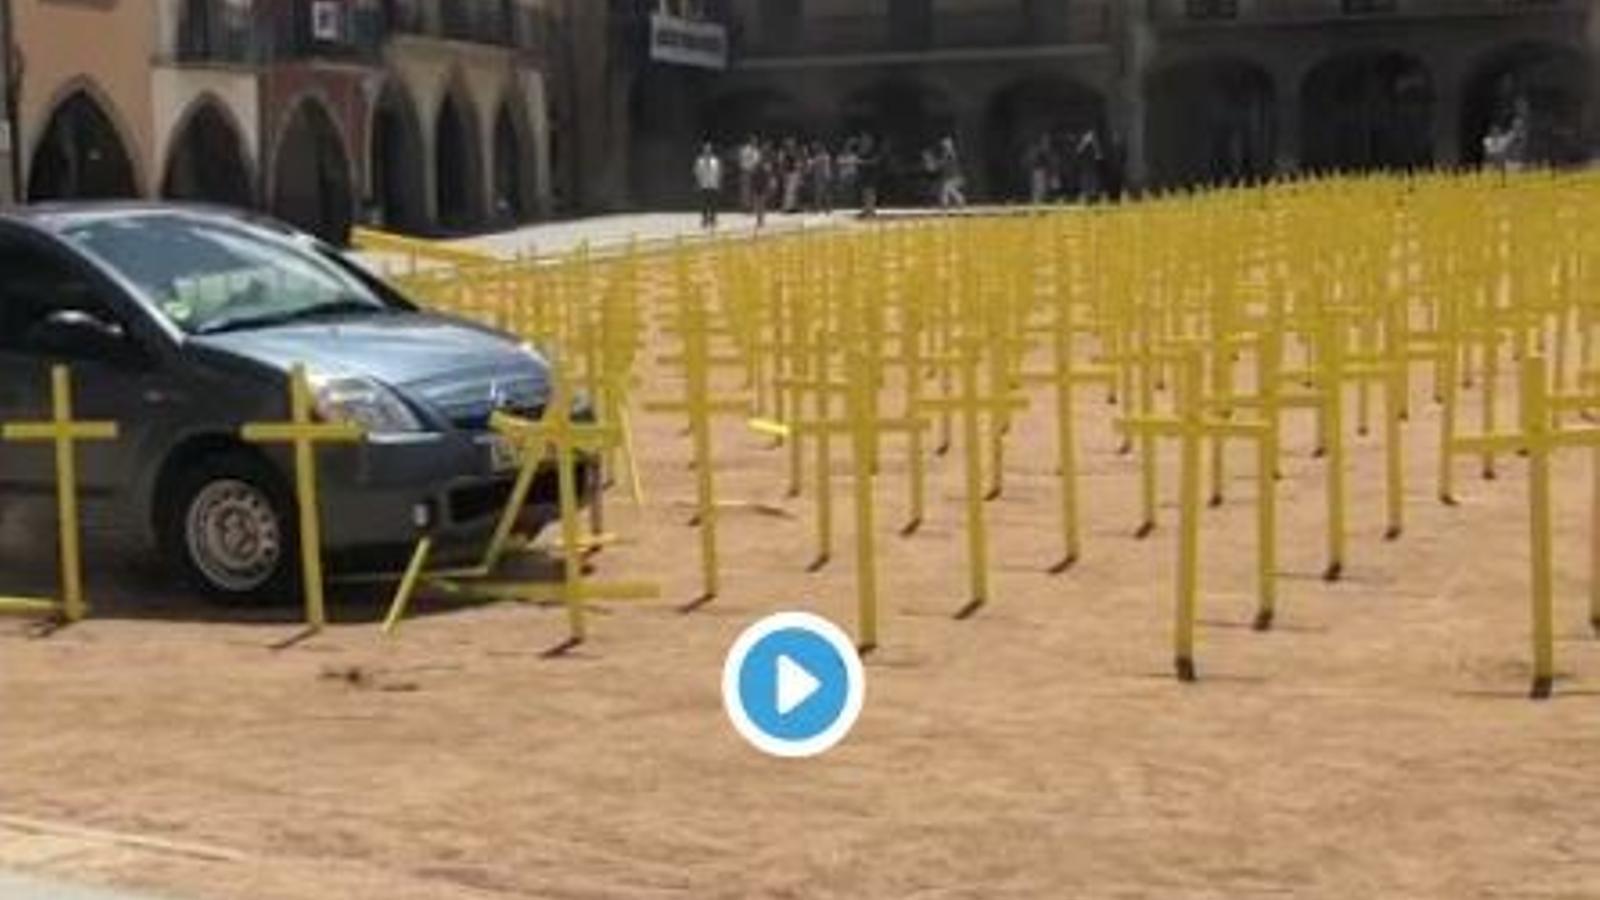 Un cotxe entra a tota velocitat a la plaça Major de Vic i envesteix les creus grogues en solidaritat amb els polítics presos i a l'exili